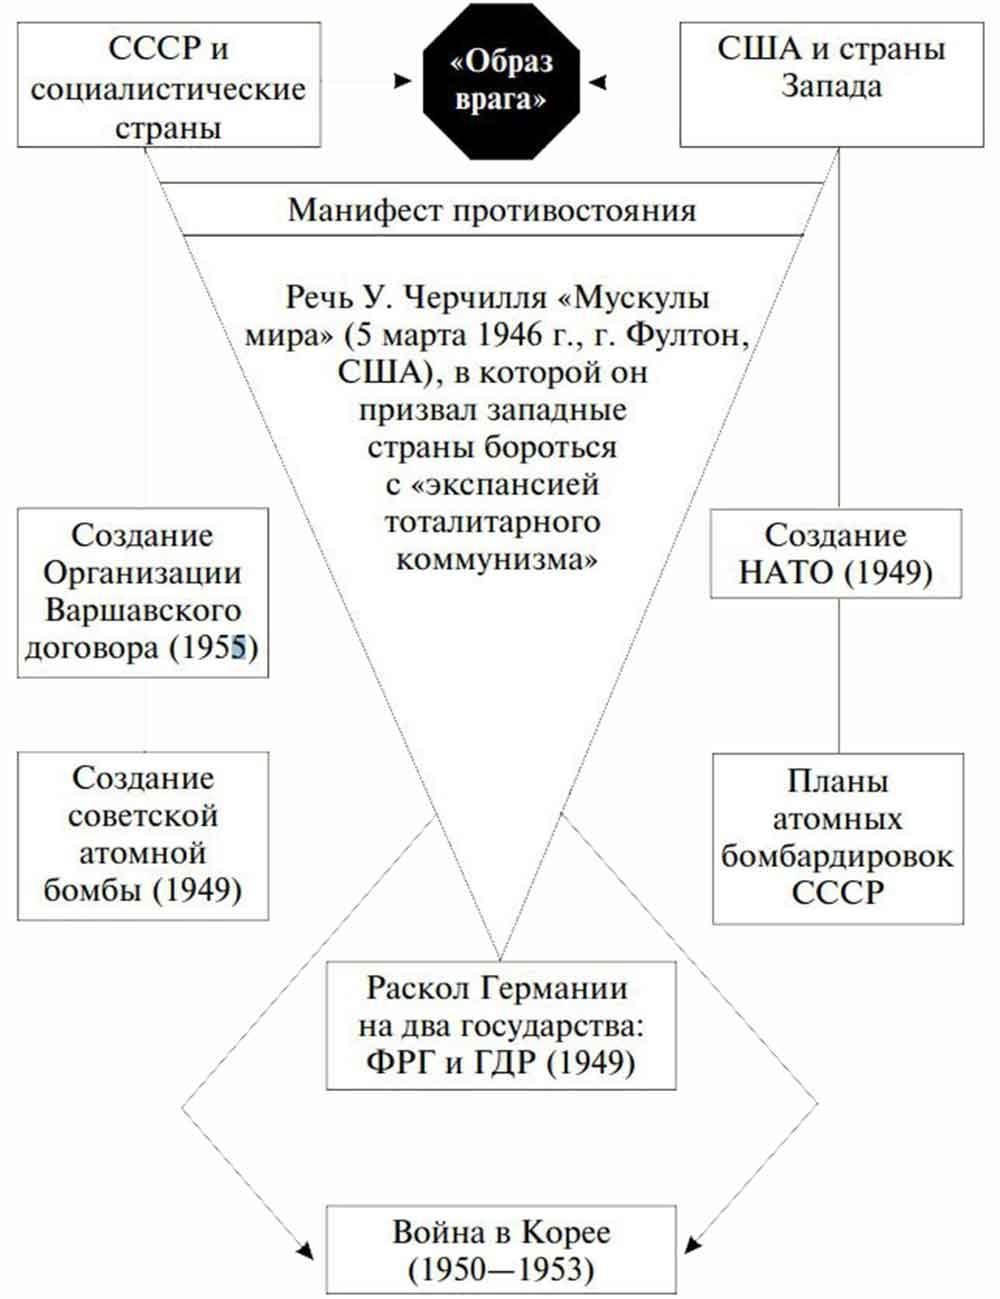 Холодная война причины и основные вехи реферат 8209